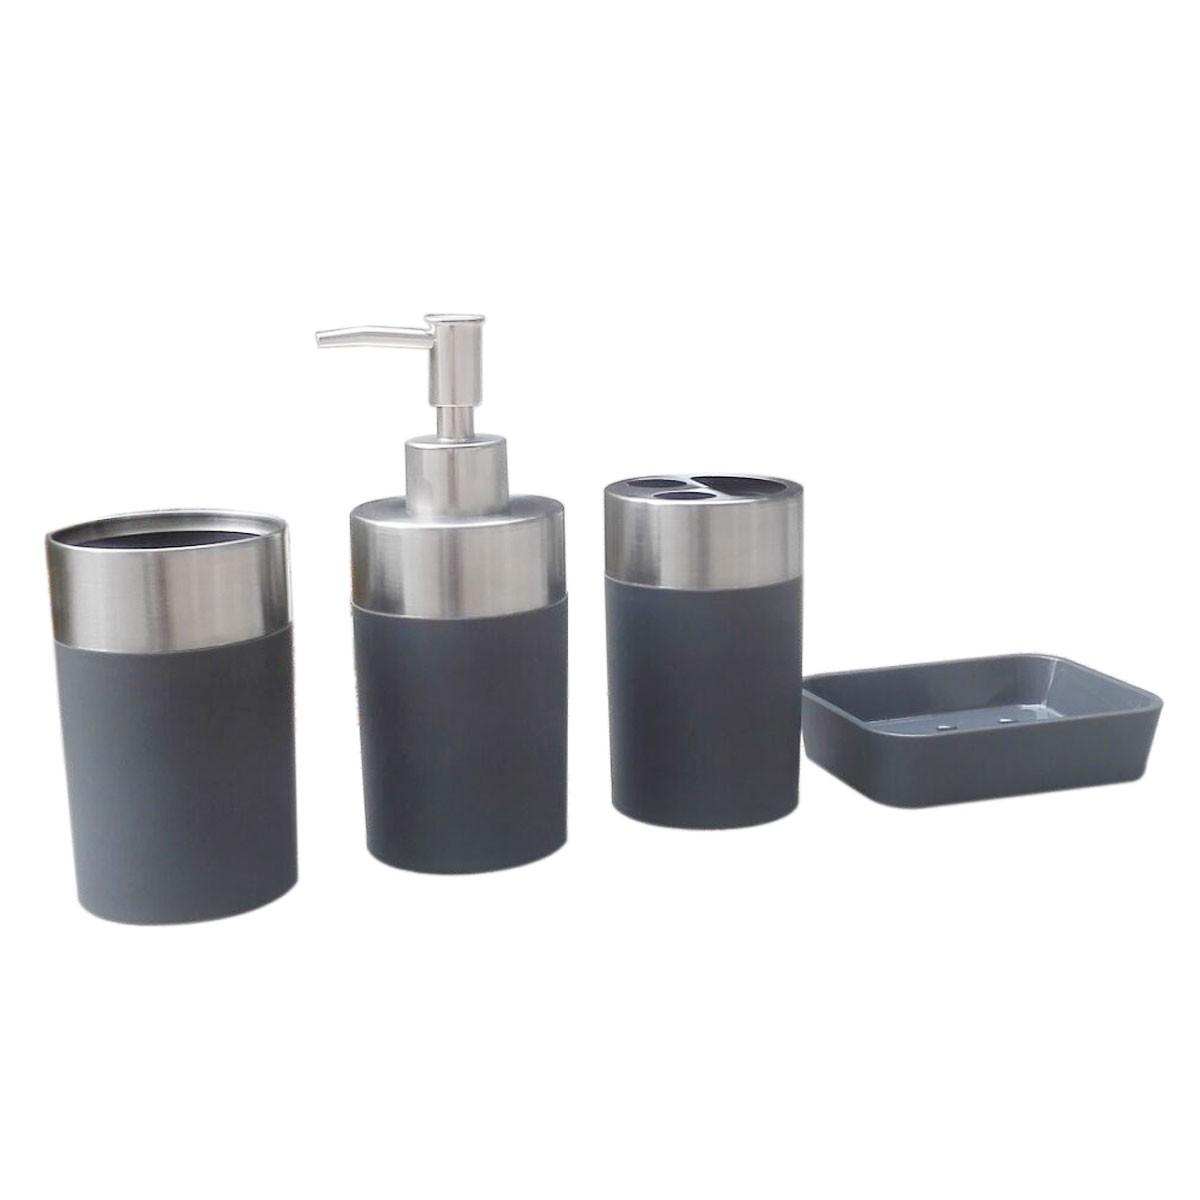 Set 4 accessoires salle de bain gris dk st021 for Accessoires de salle de bain